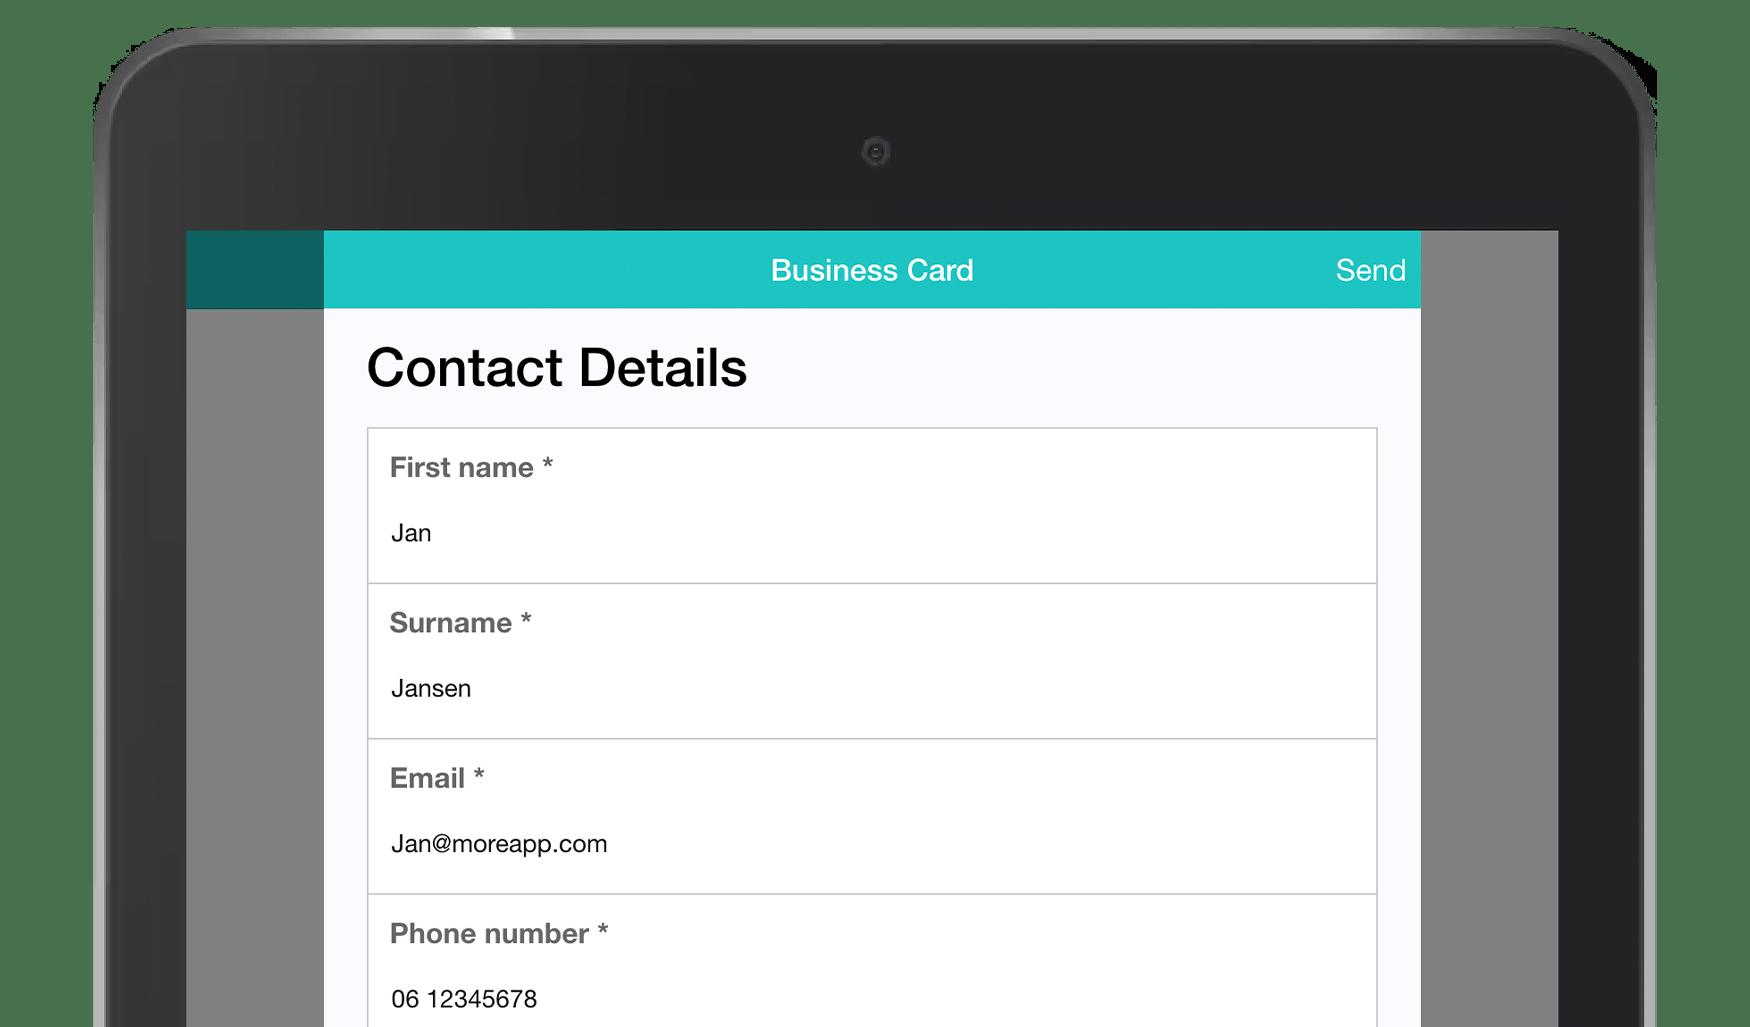 MoreApp Form Business cardapp